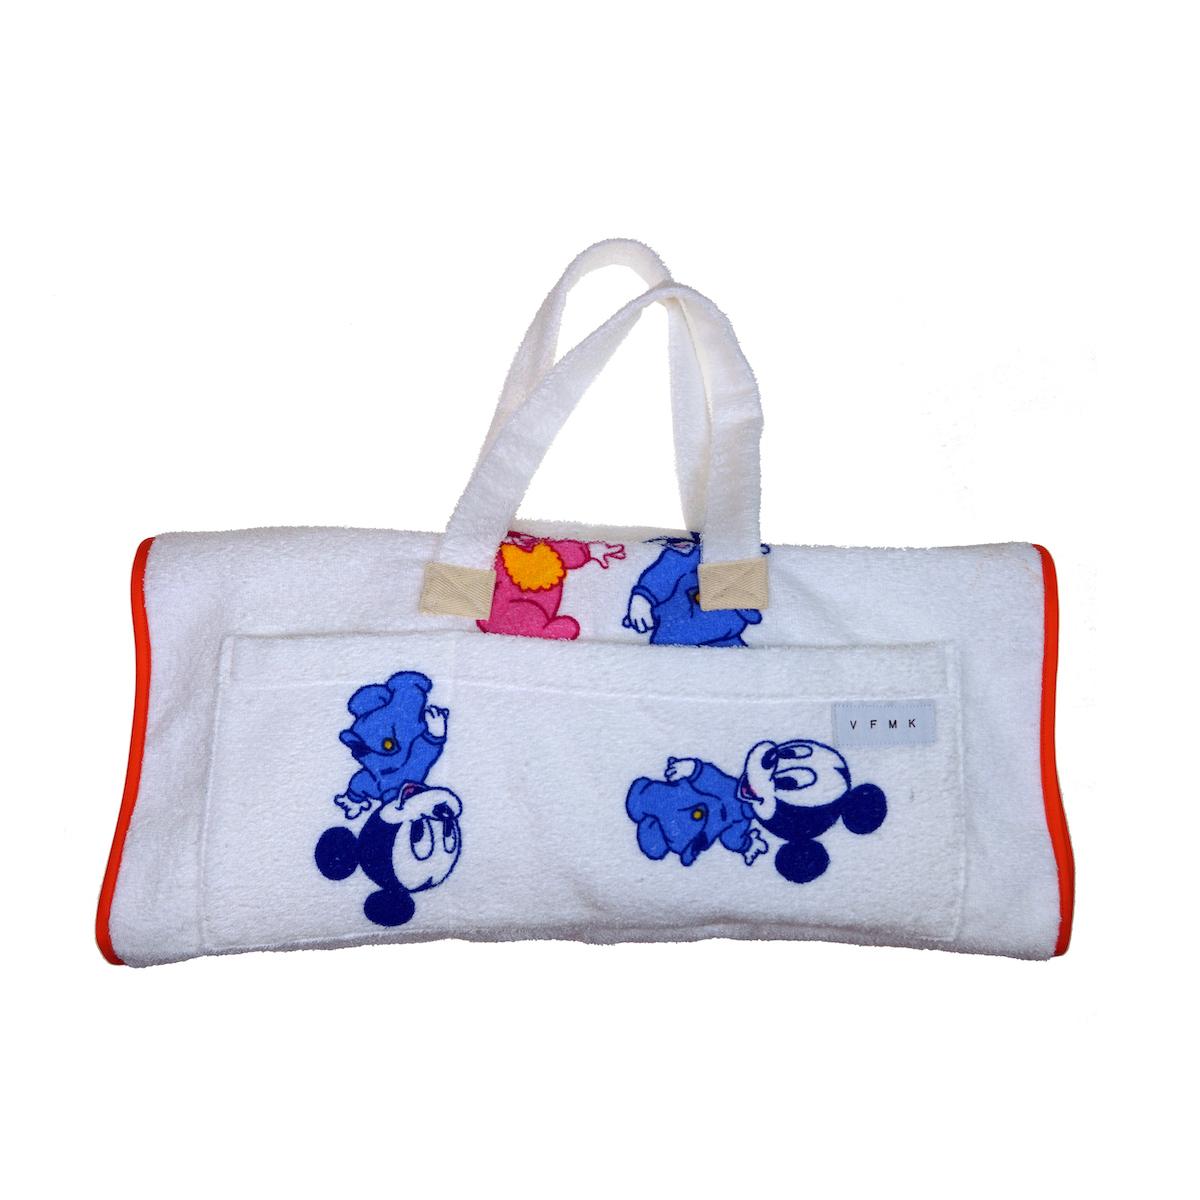 Kinder towel bag